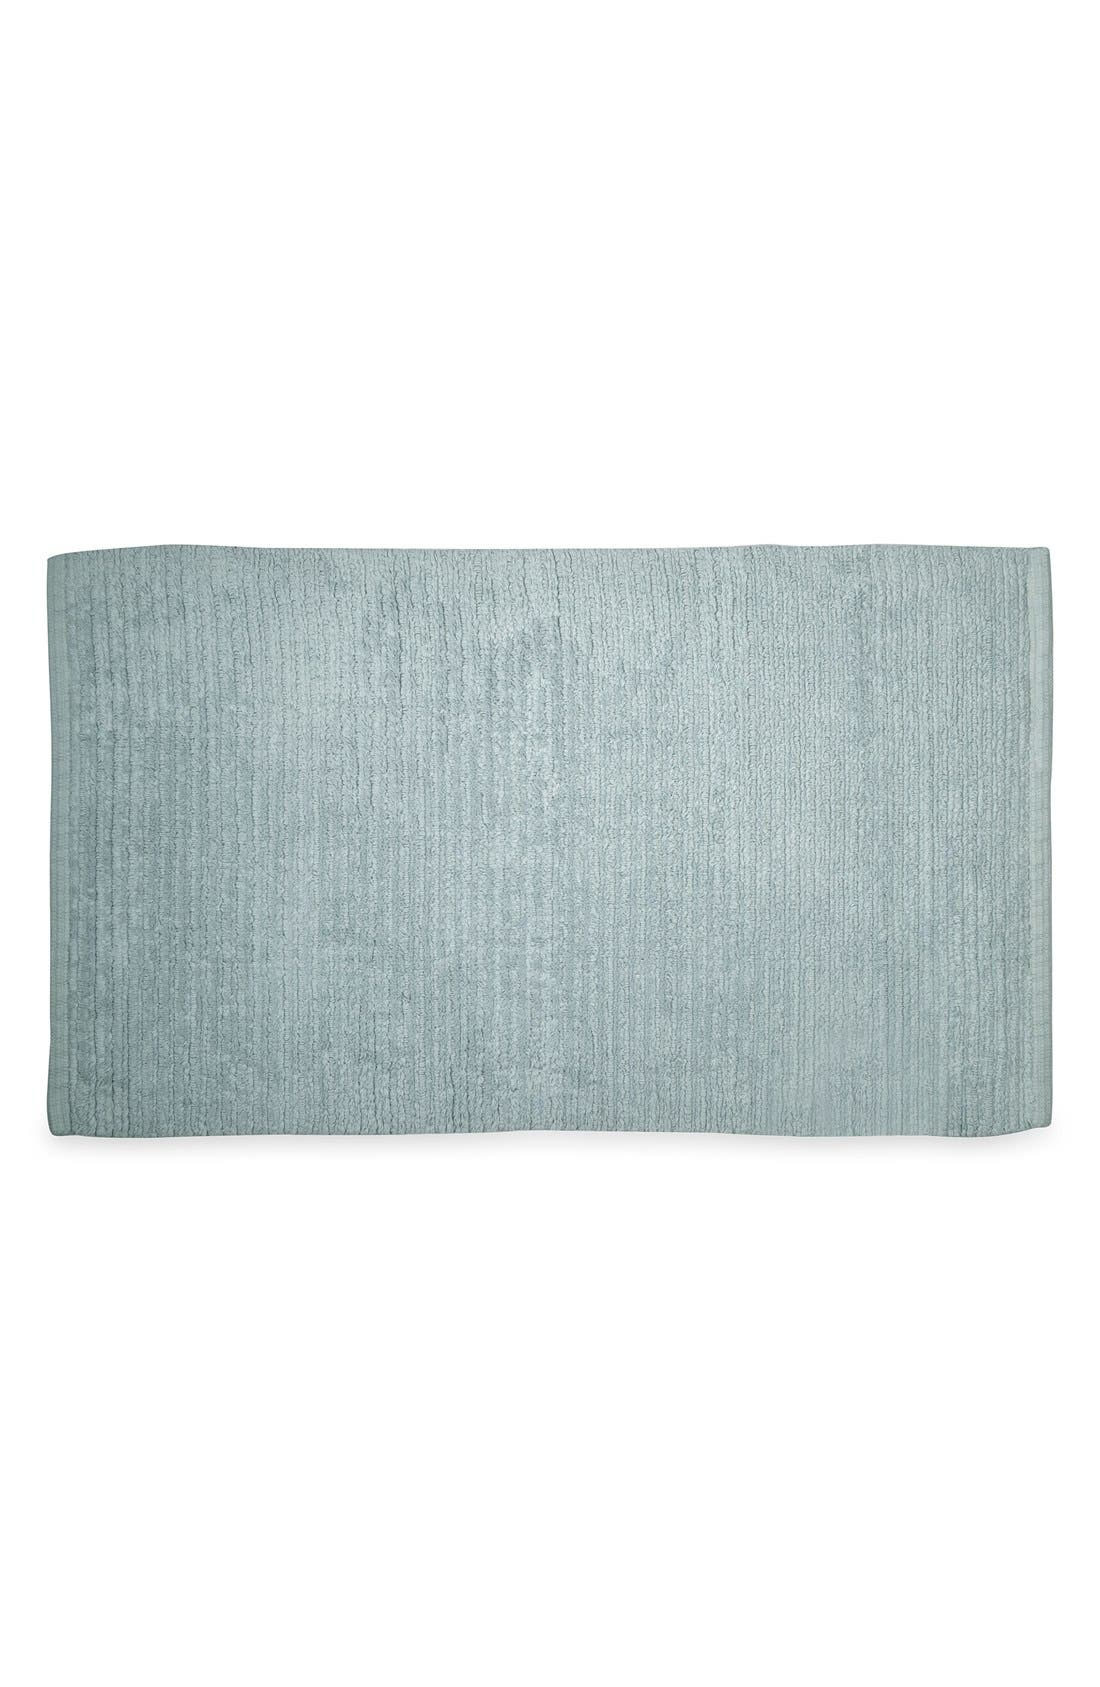 Mercer Bath Rug,                         Main,                         color, Mist